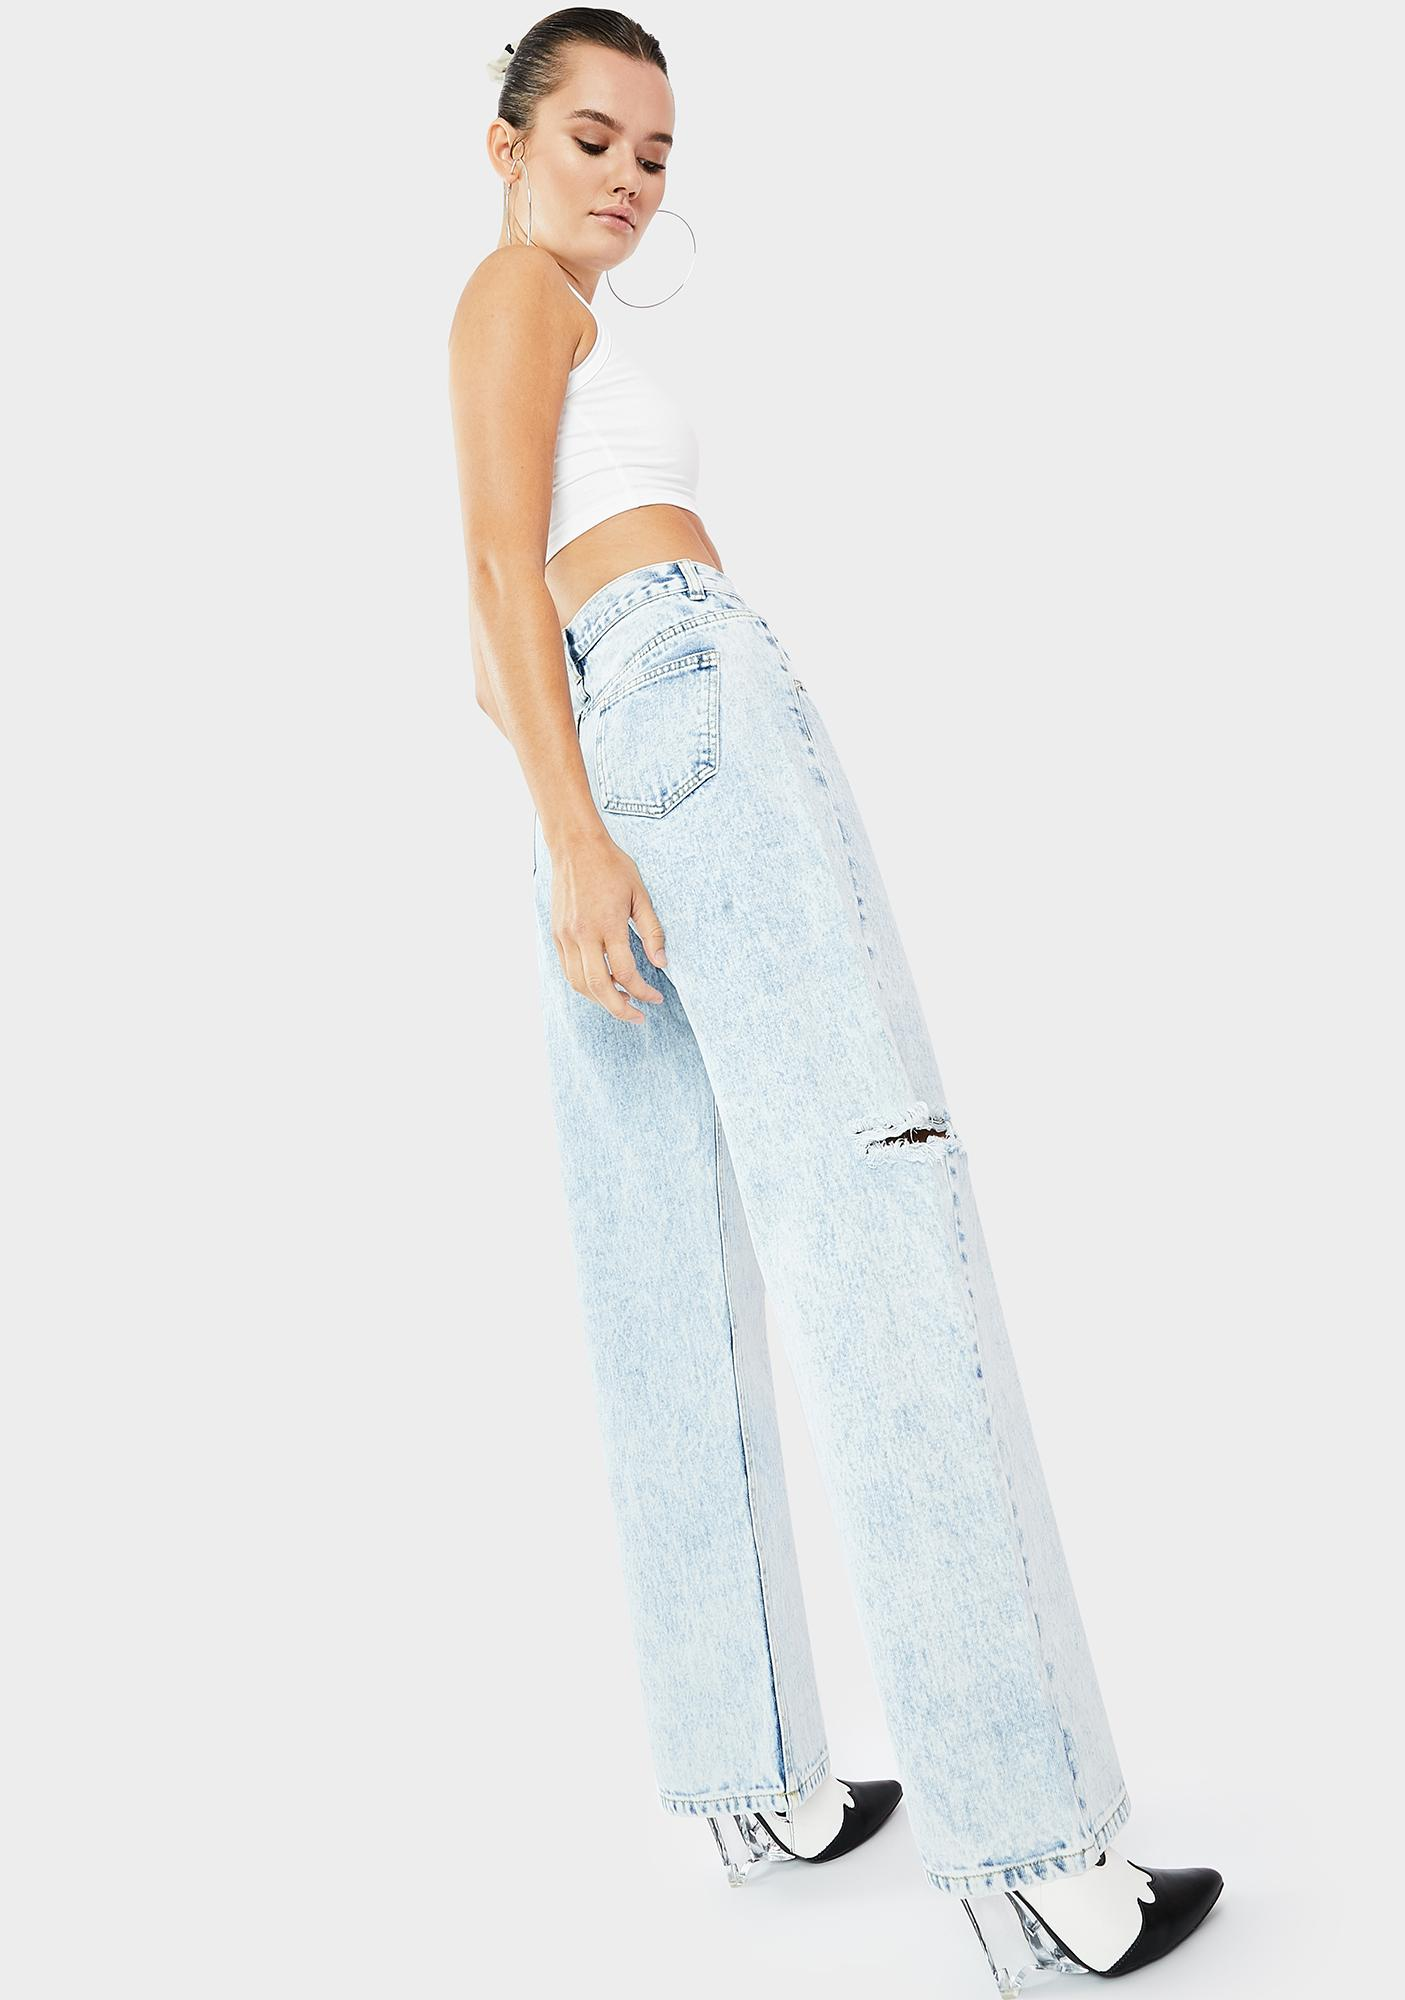 THE KRIPT Gavin 2.0 Jeans